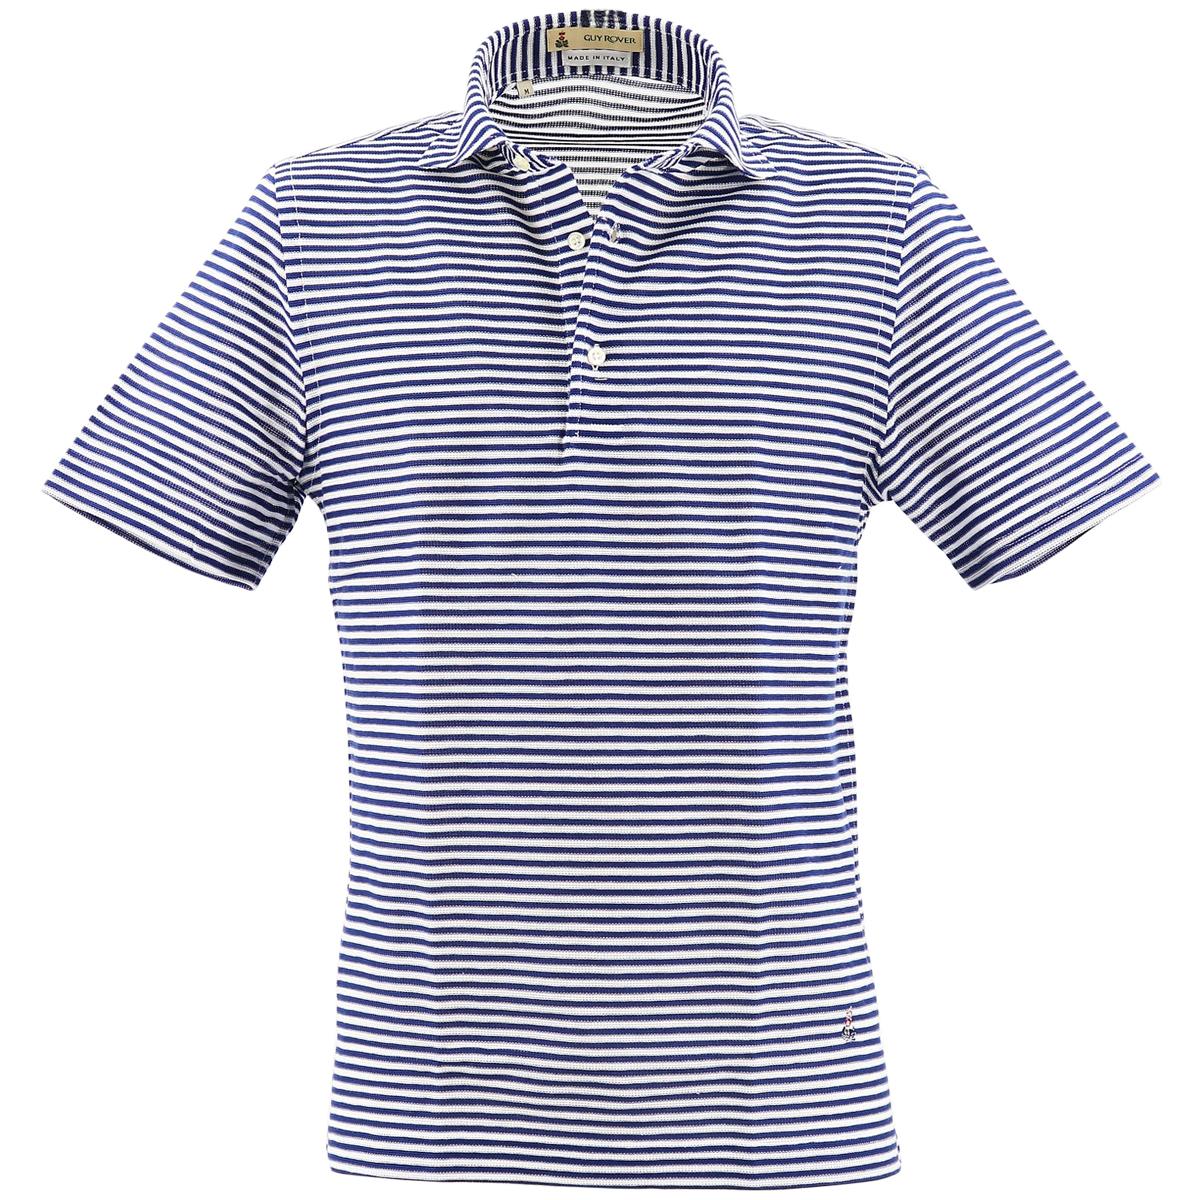 ポロシャツカテゴリー